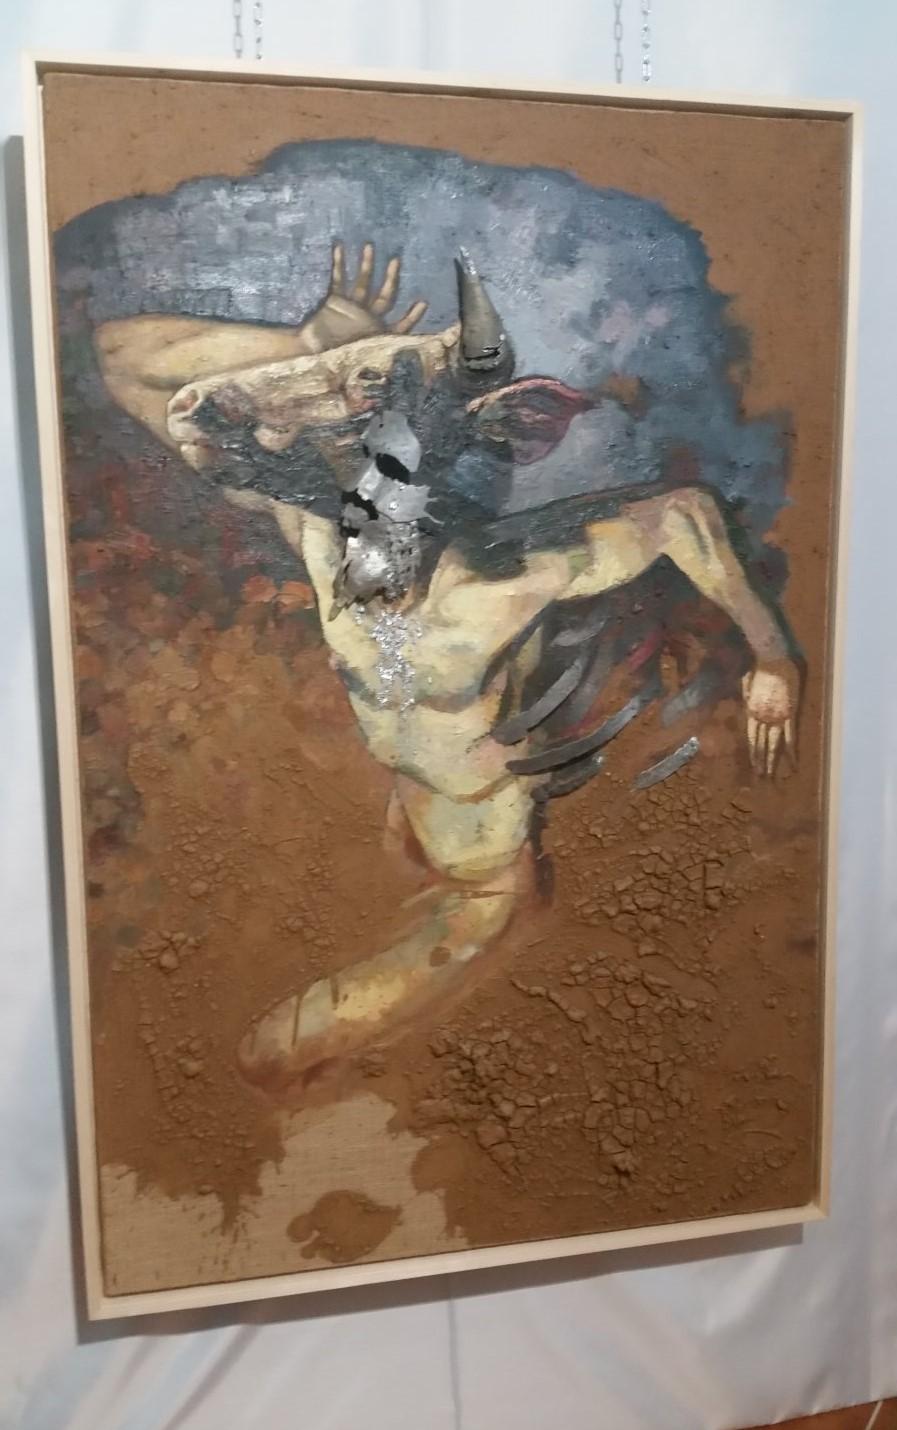 Tela con minotauro, di Marco D'Emilia